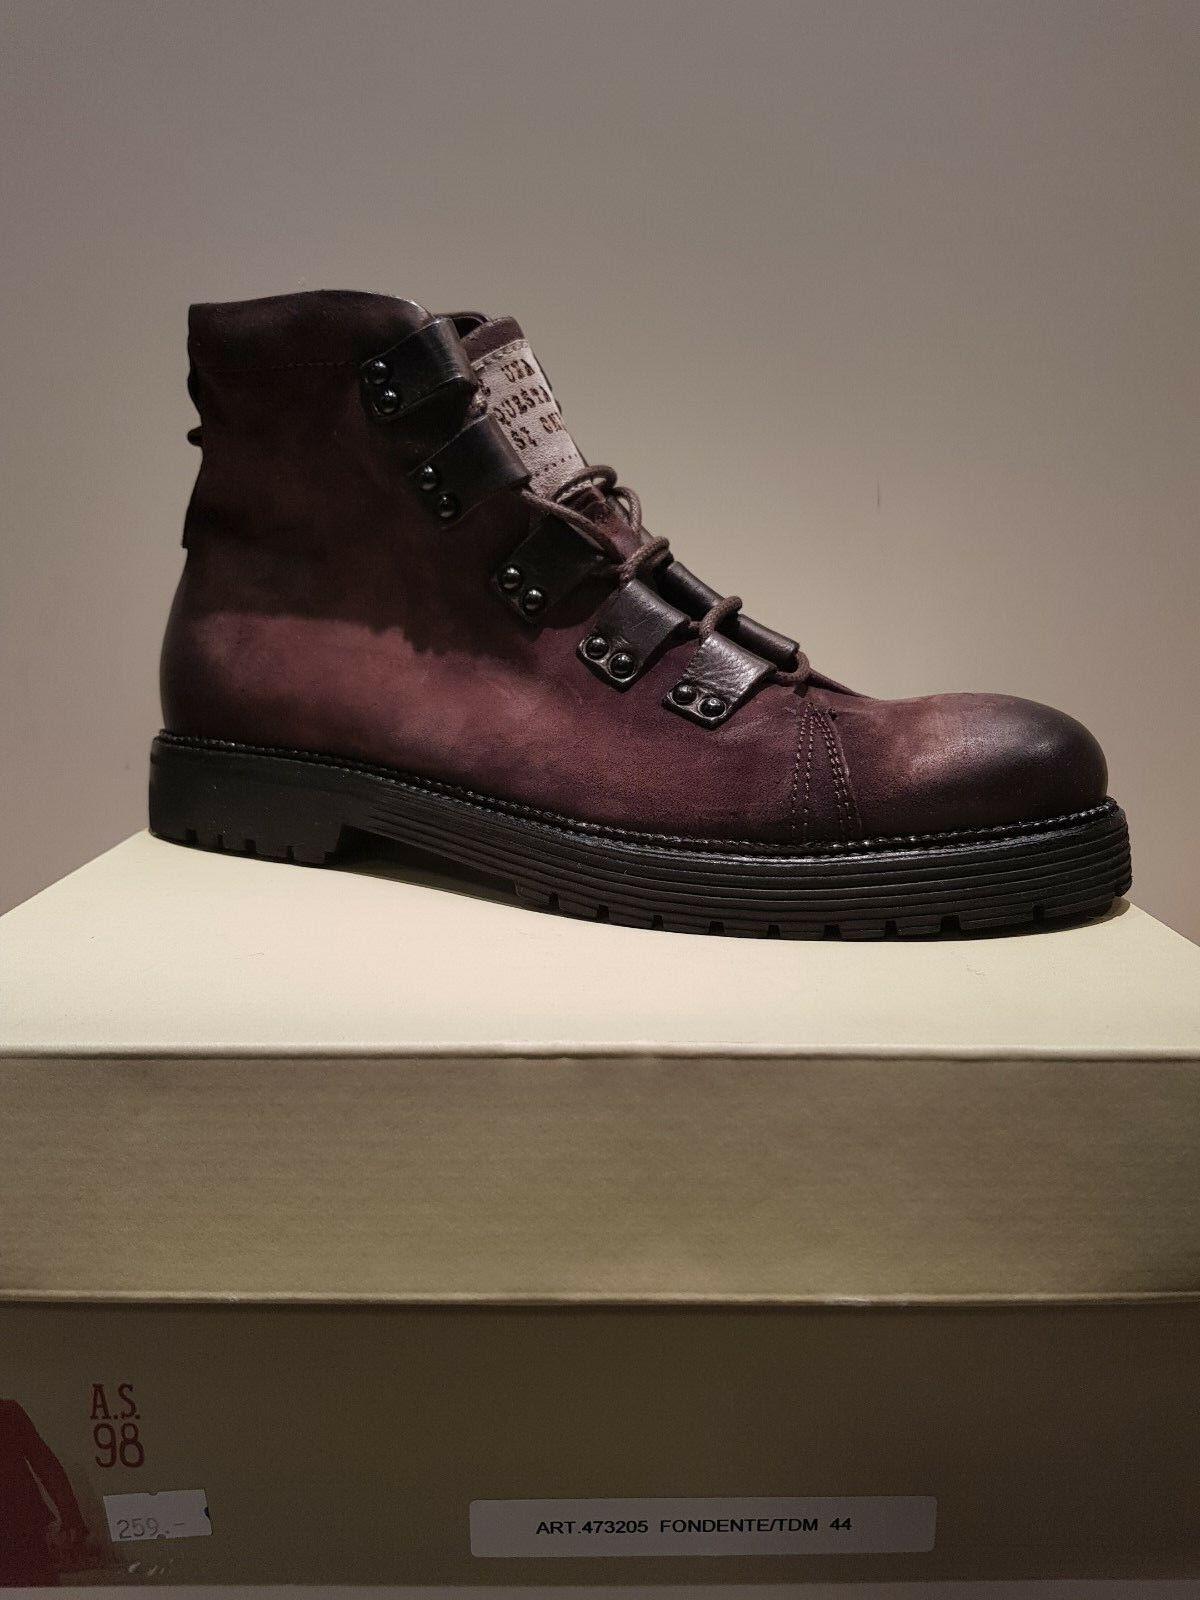 A.S.98 Herren Schuhe Schnürschuhe Stiefel FONDENTE TDM    | Hohe Qualität Und Geringen Overhead